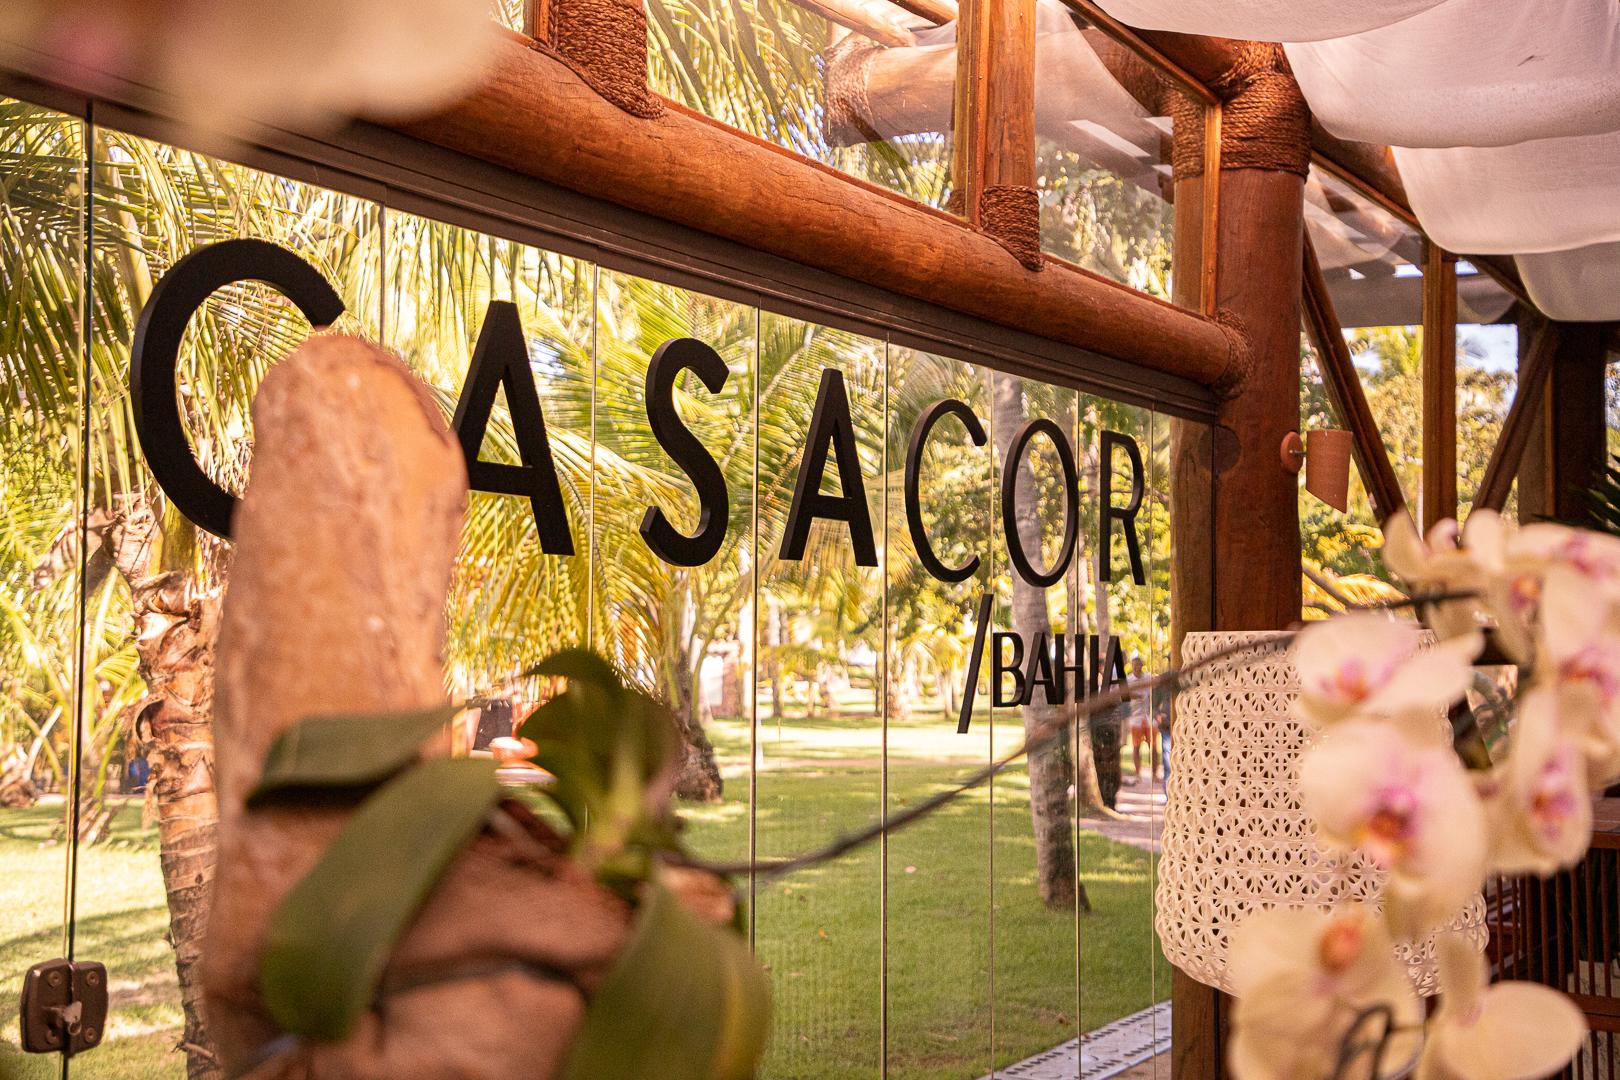 CasaCor Bahia Verão